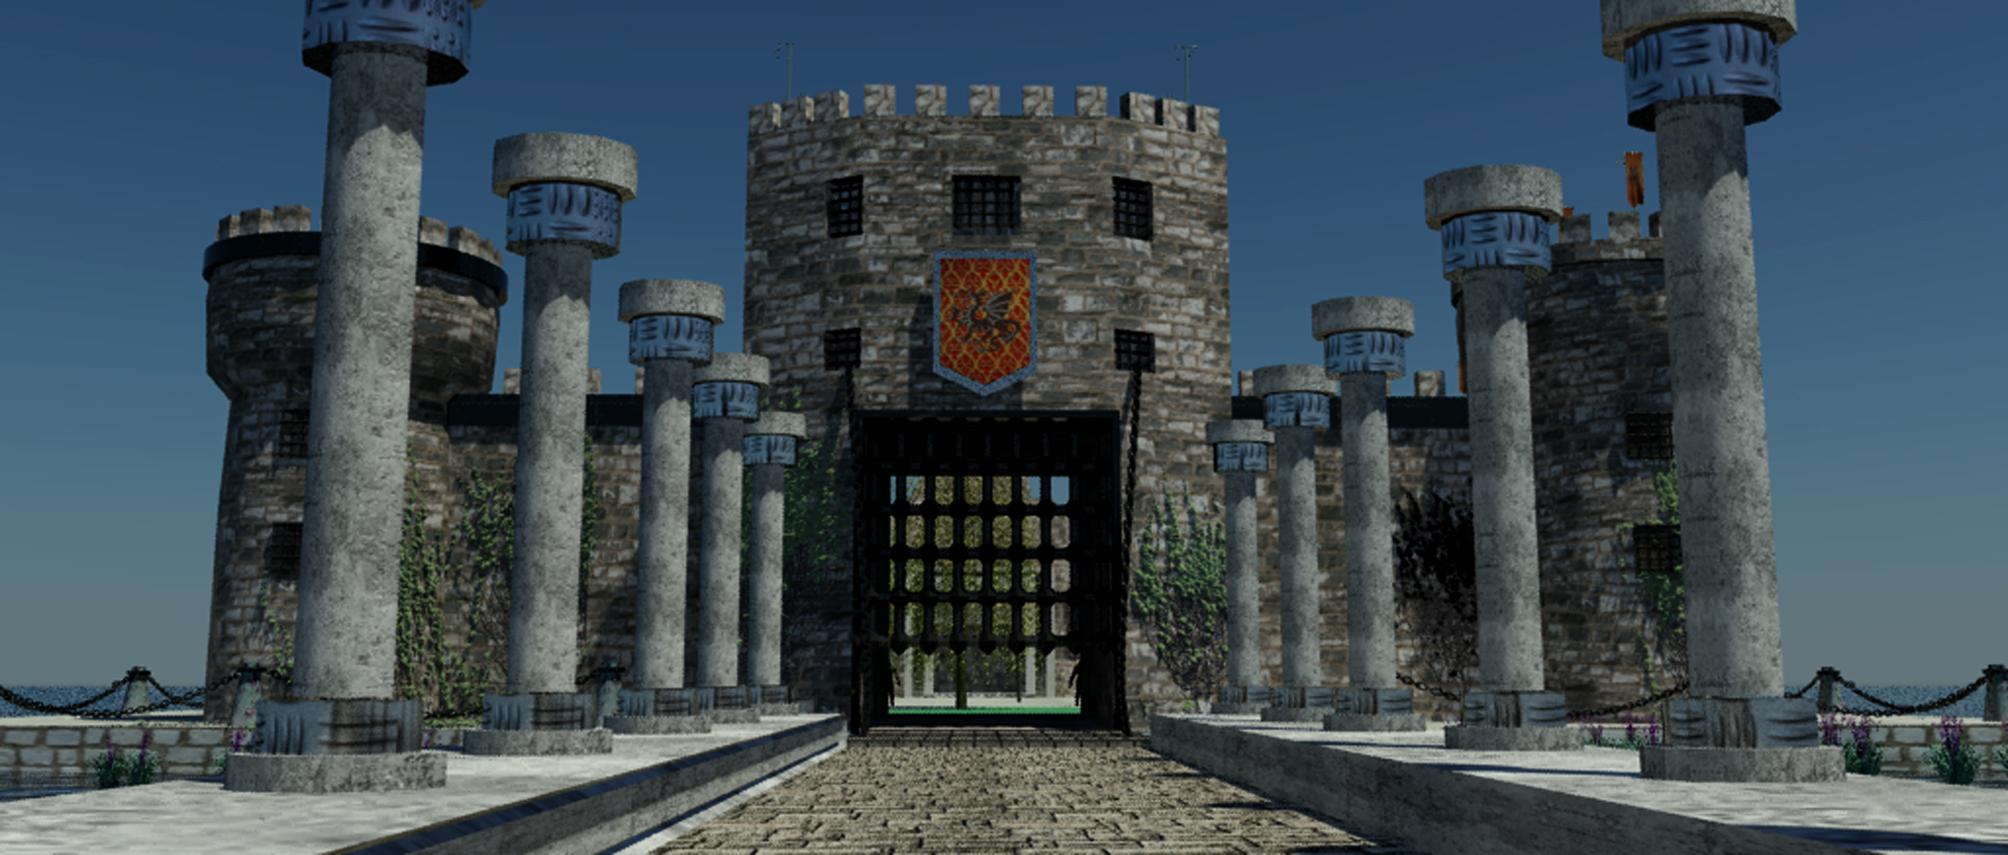 castilloagua 4.jpg